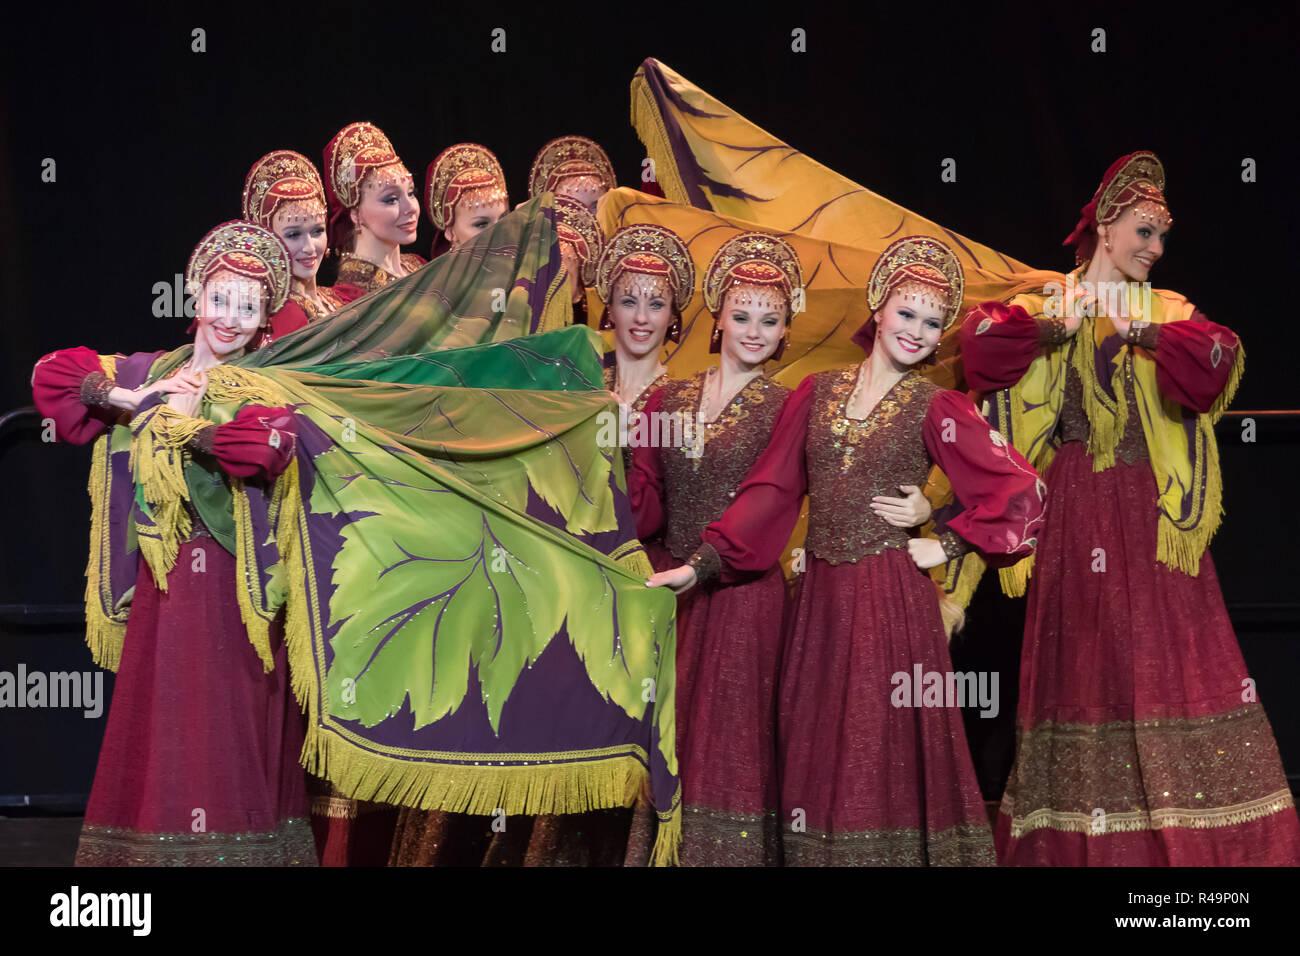 67d77aa0154 Russian Folk Dance Stock Photos   Russian Folk Dance Stock Images ...